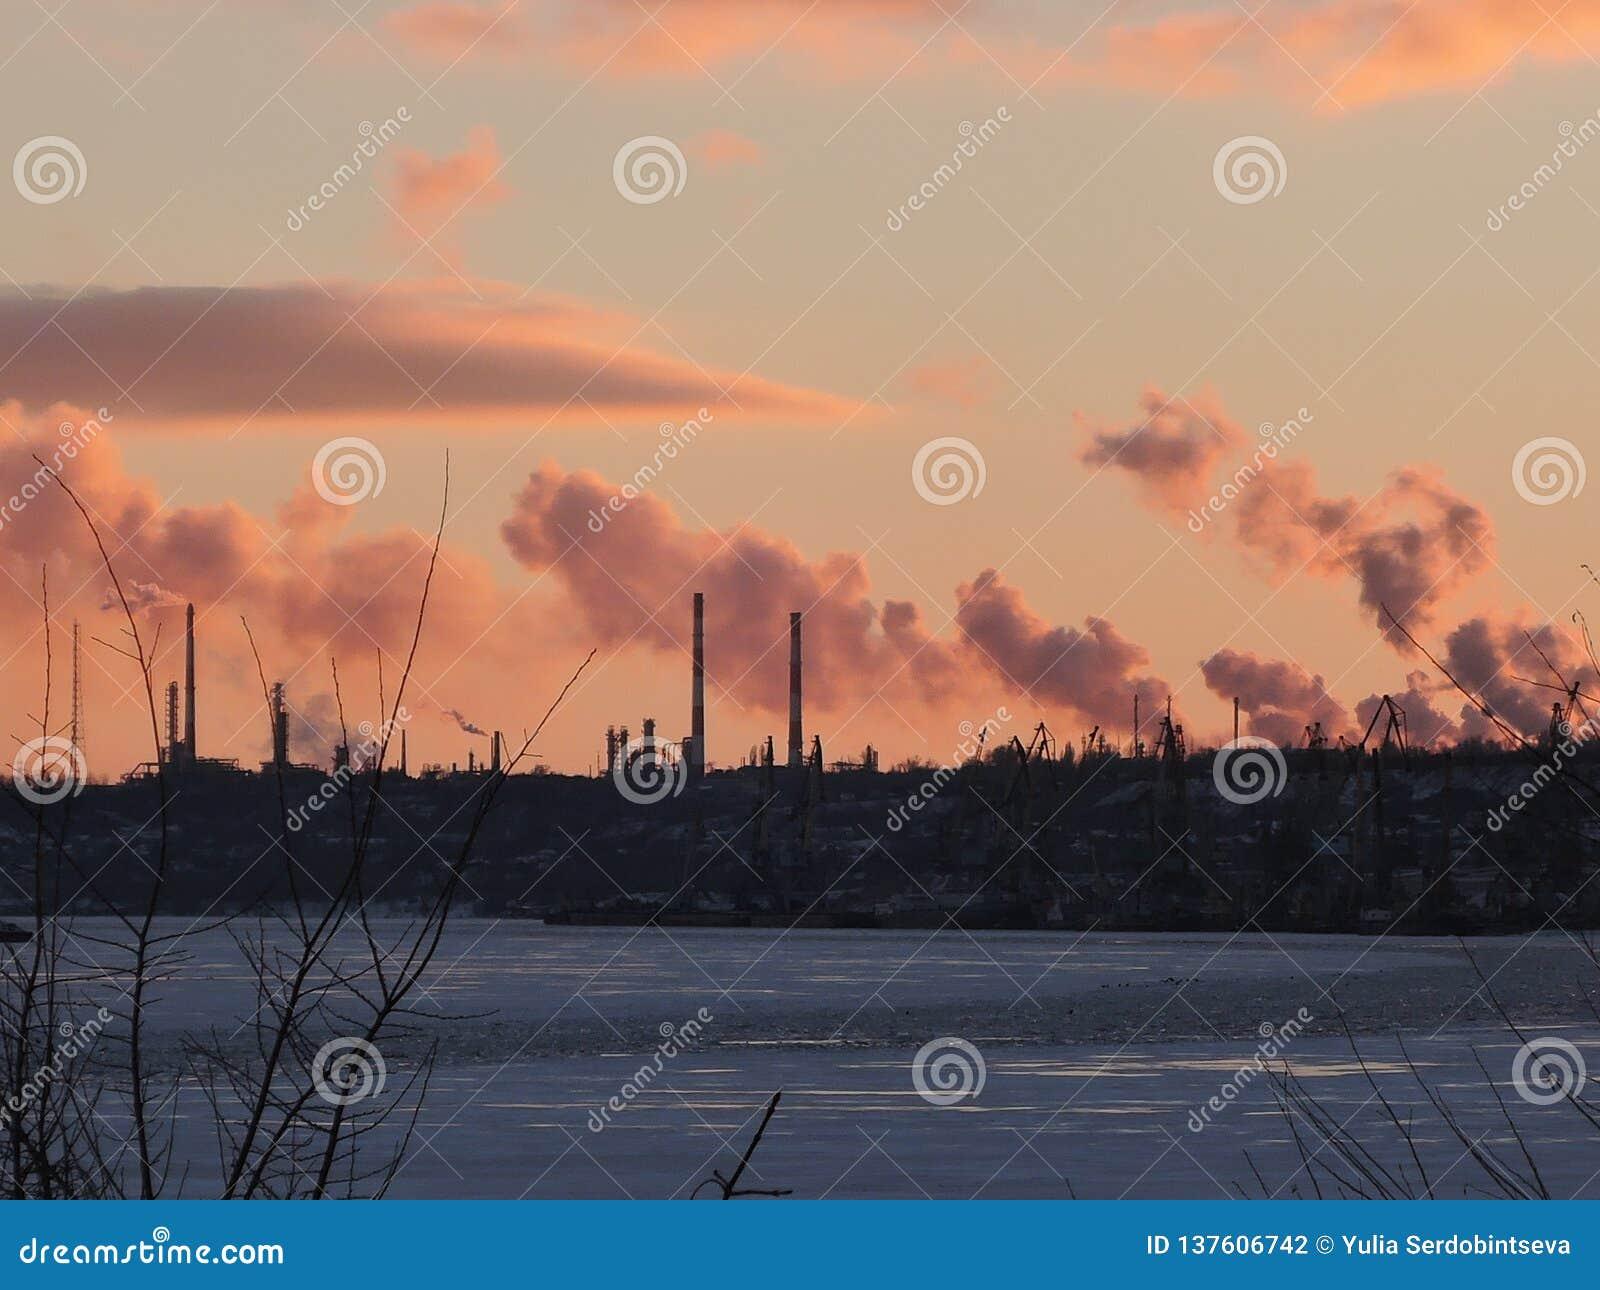 Schoorsteenfabriek met zwarte rook over de hemel met wolk wanneer zonsondergangtijd, de industrie en verontreinigingsconcept